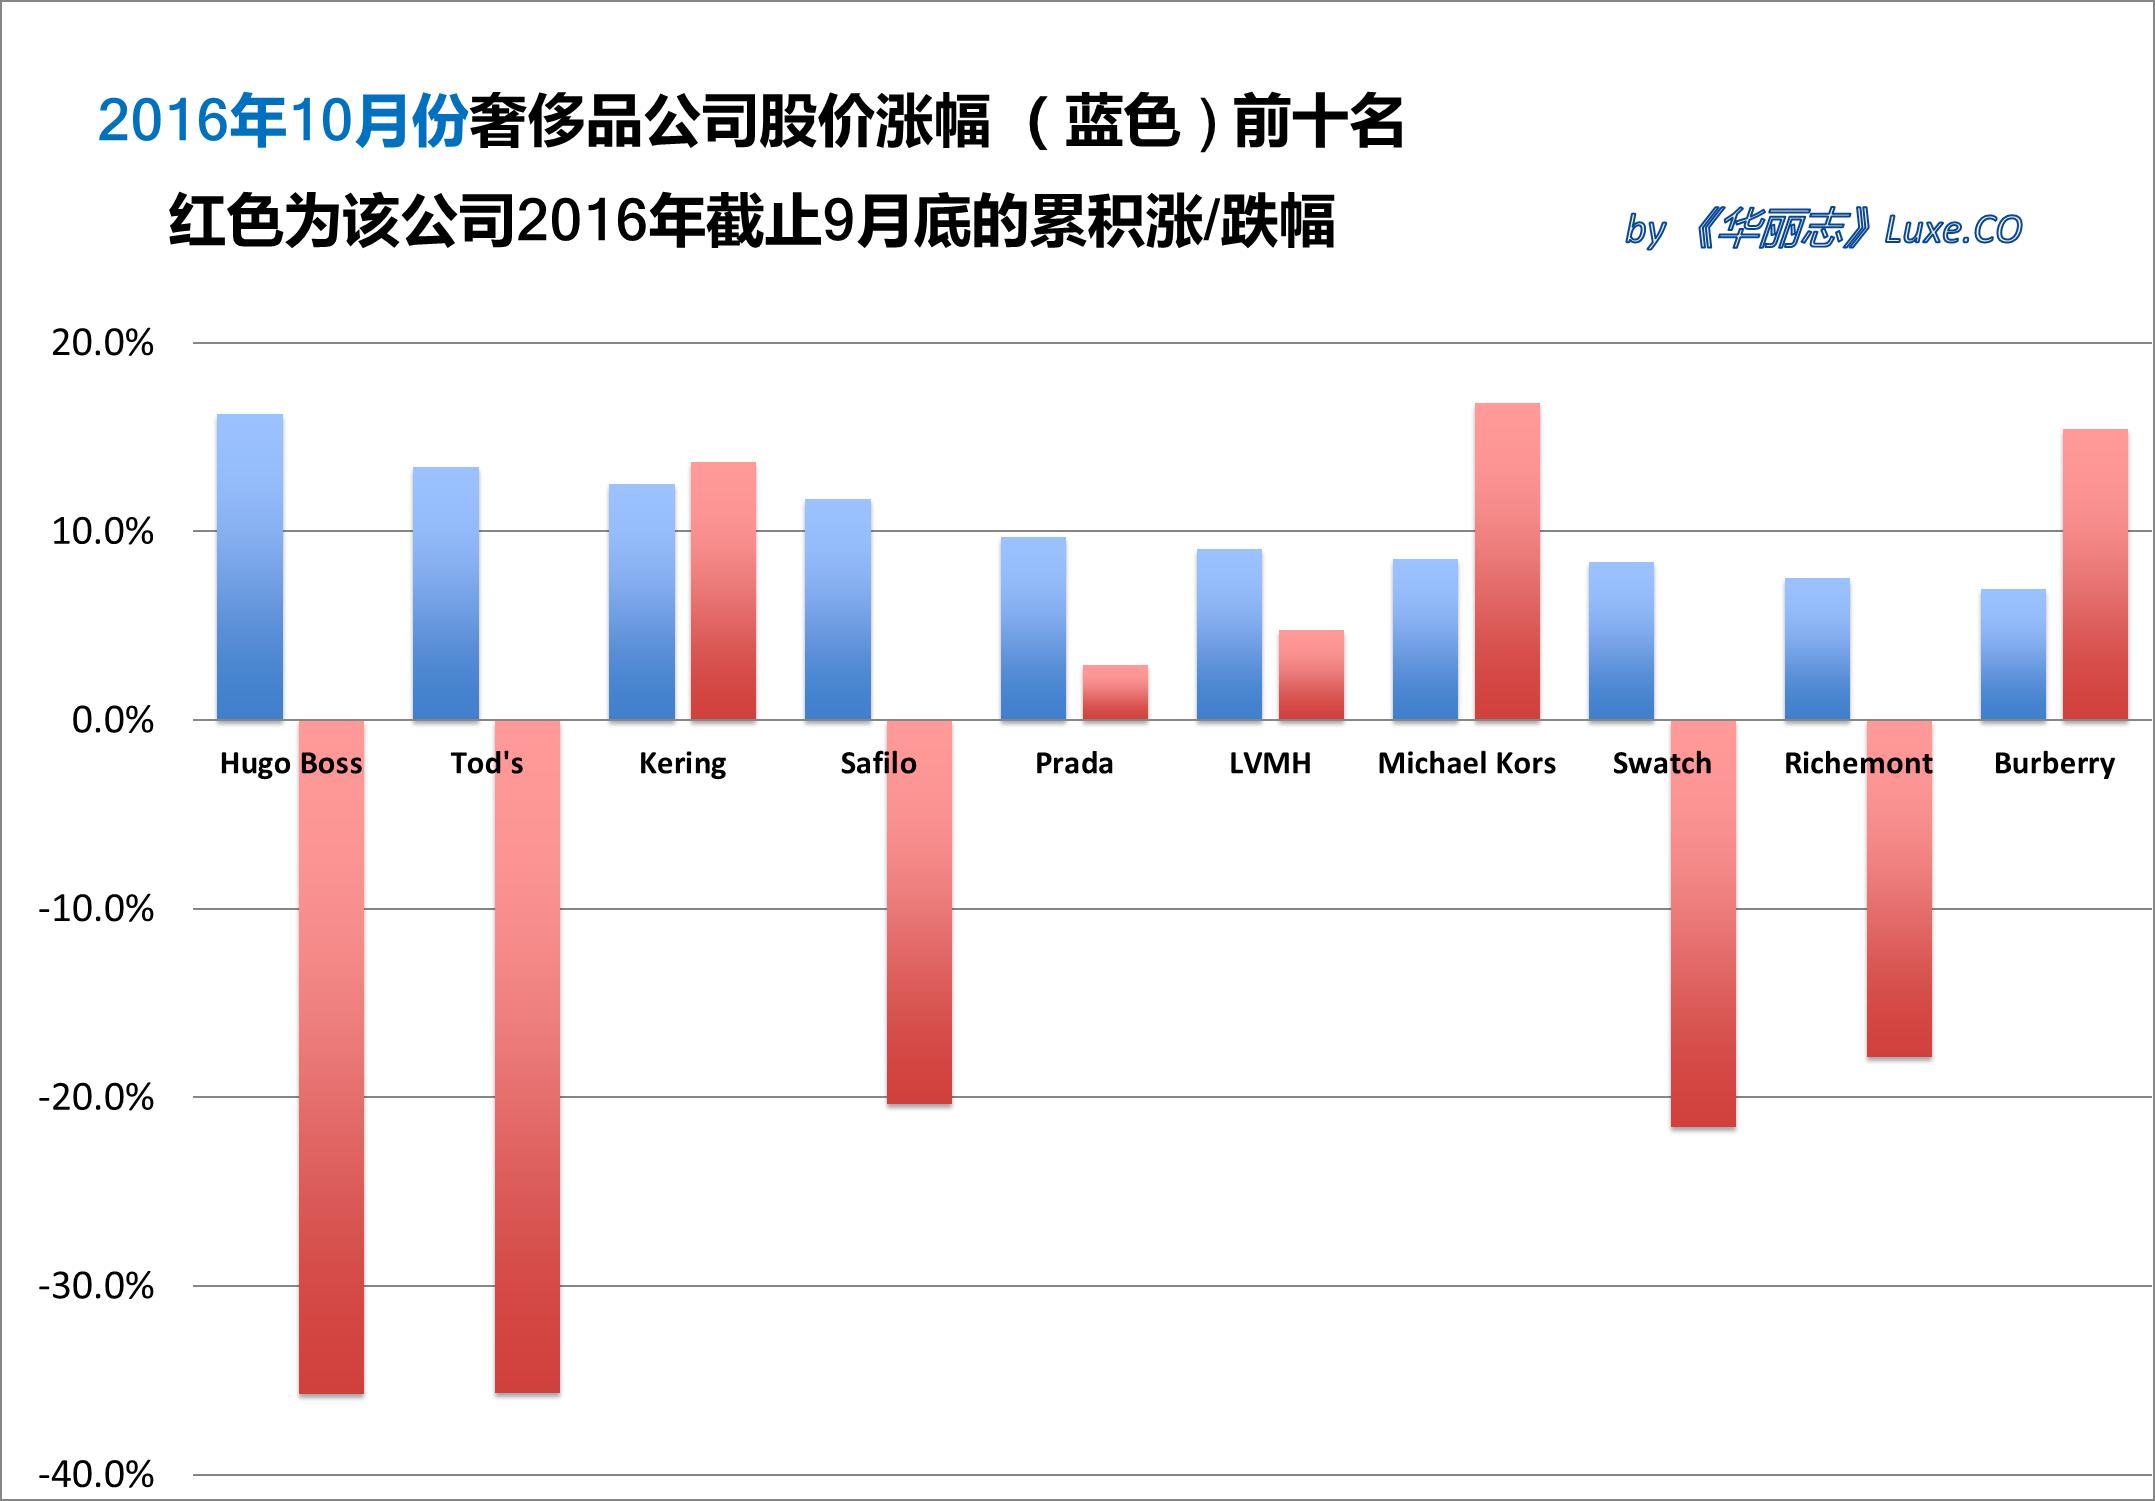 《华丽志》奢侈品股票月度排行榜(2016年10月)